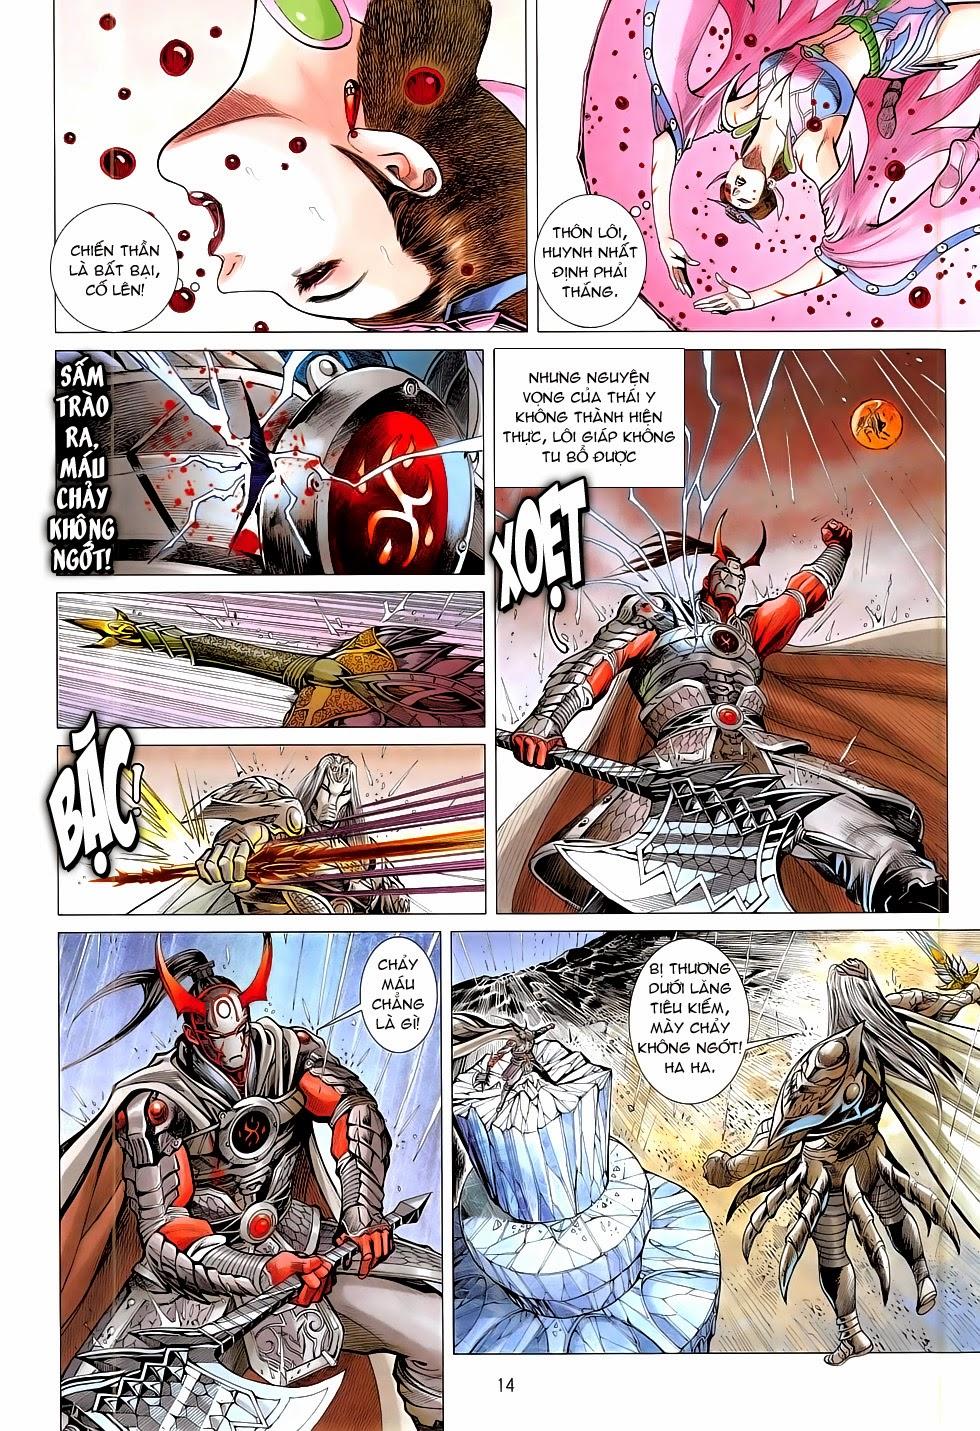 Chiến Phổ chapter 10: chấn tích lịch trang 14